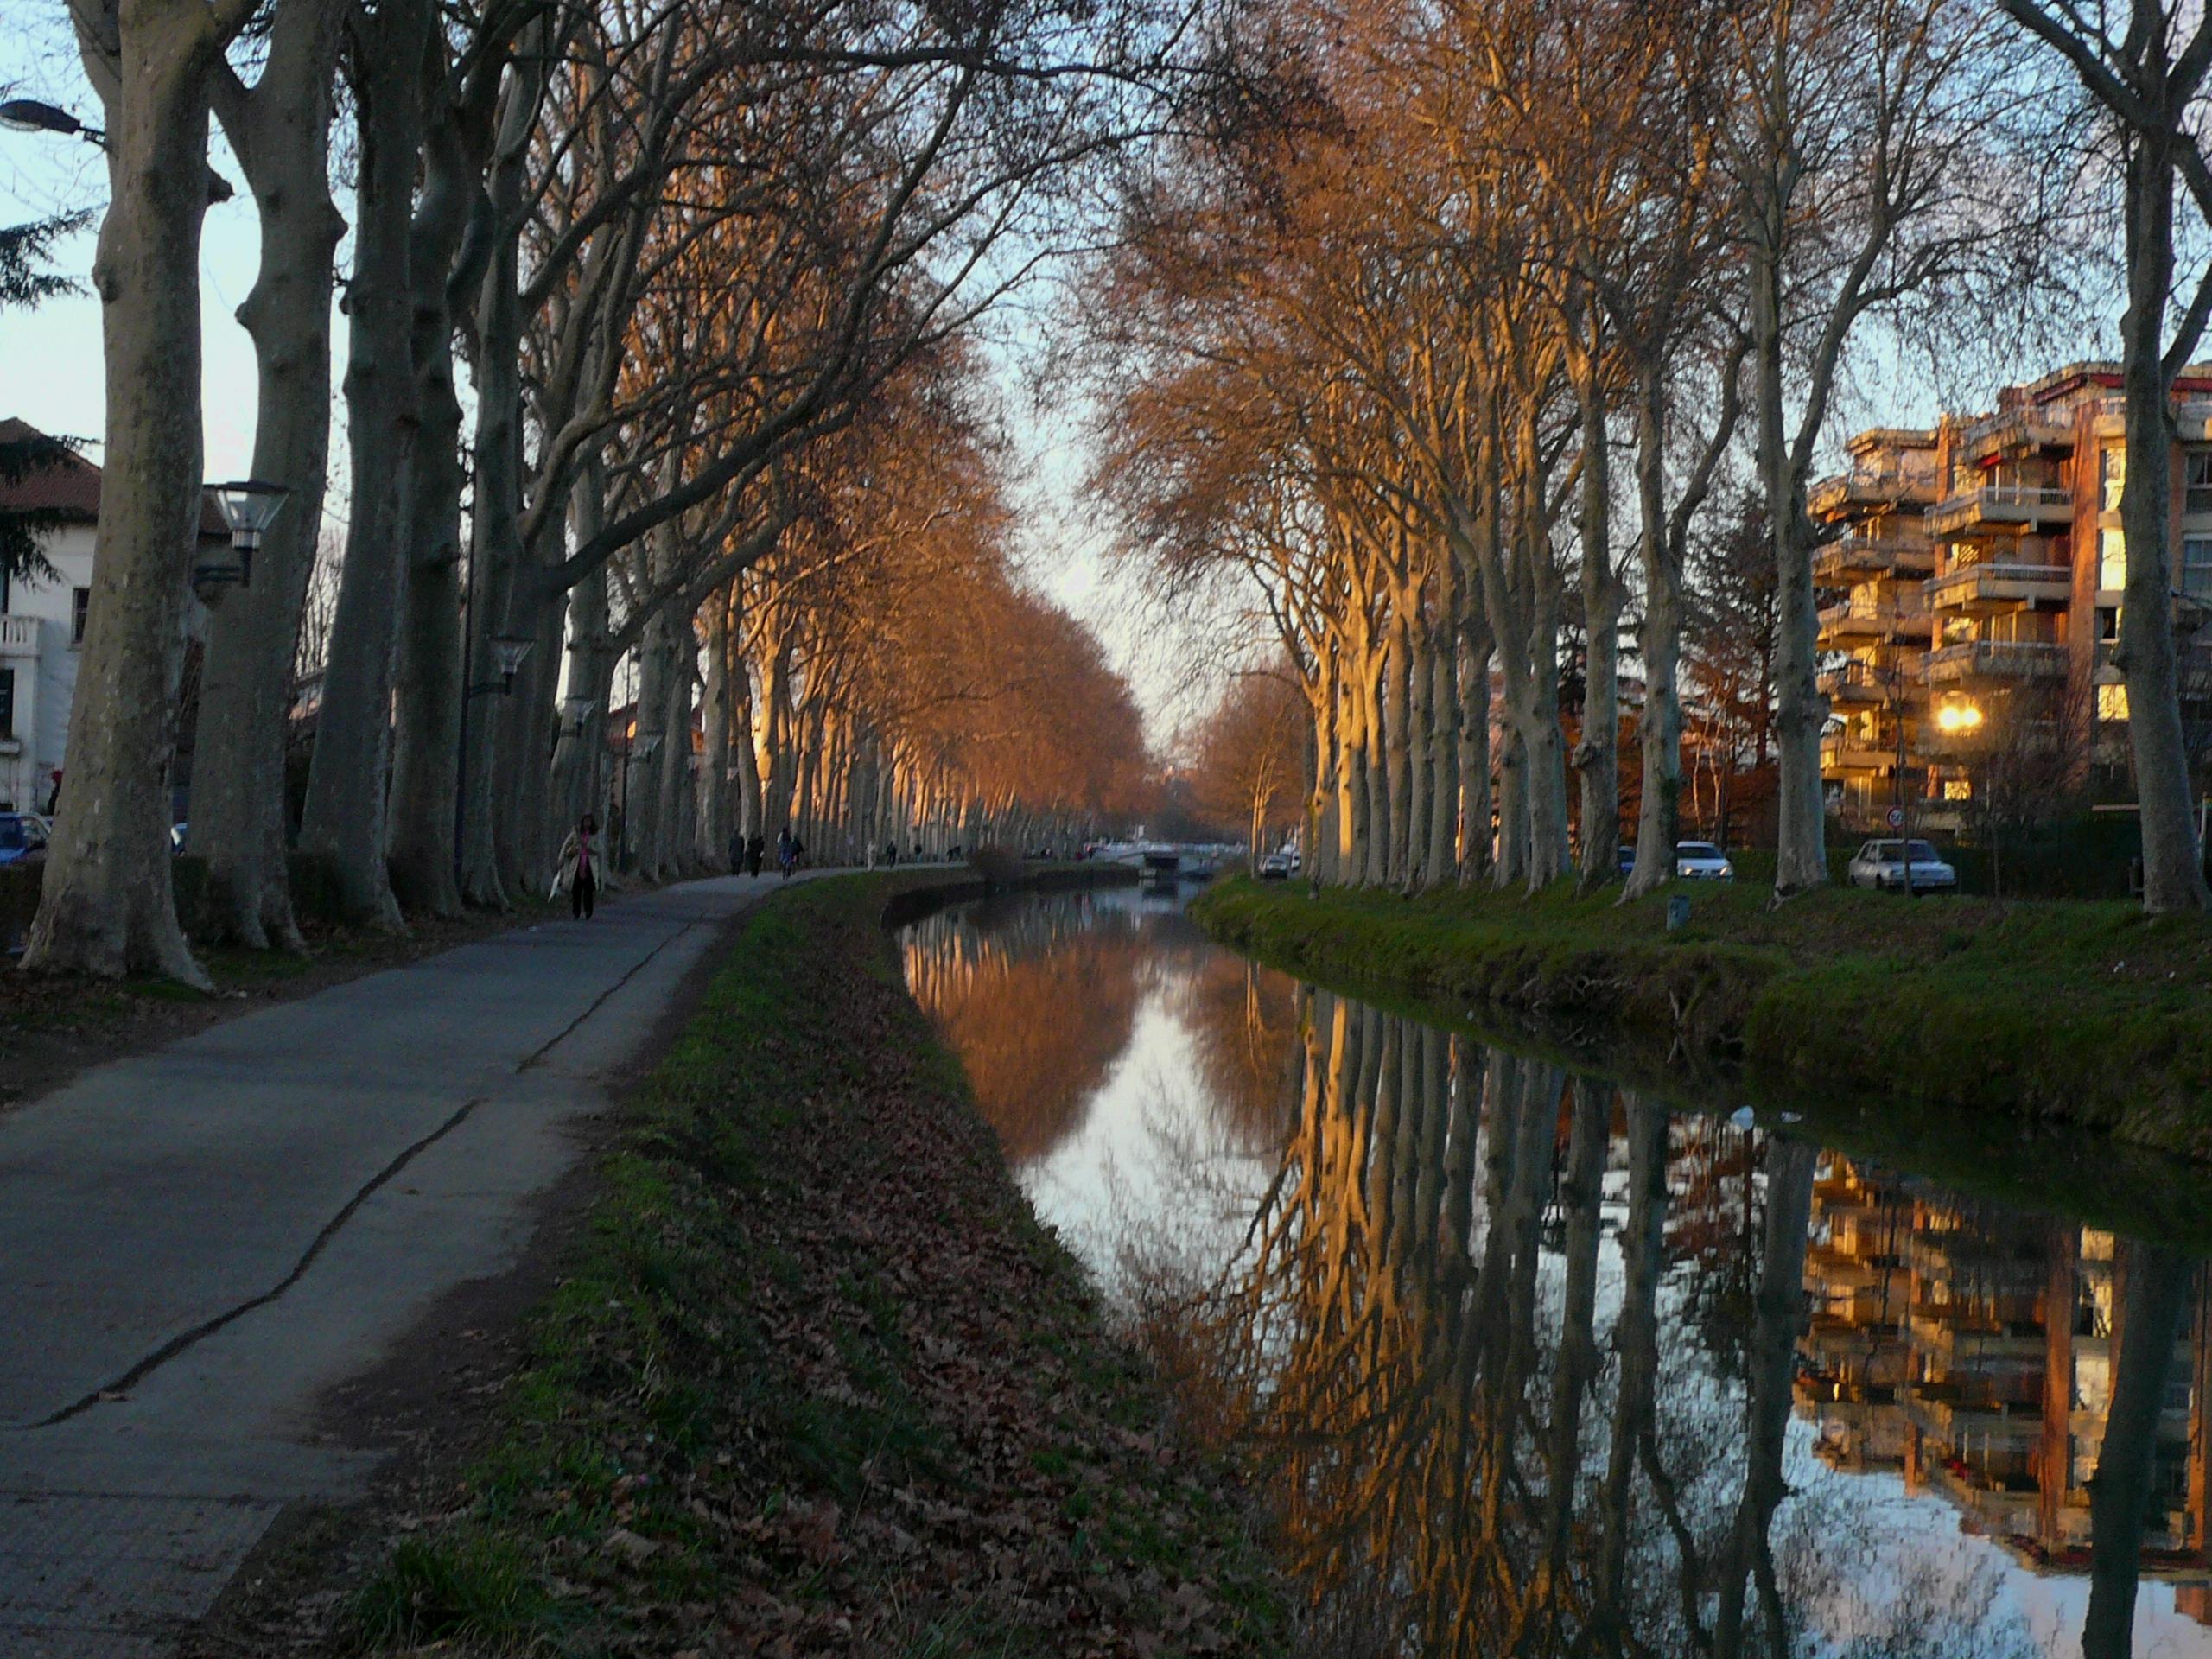 Investir Saint Michel-Le Busca-Empalot-Saint Agne Toulouse